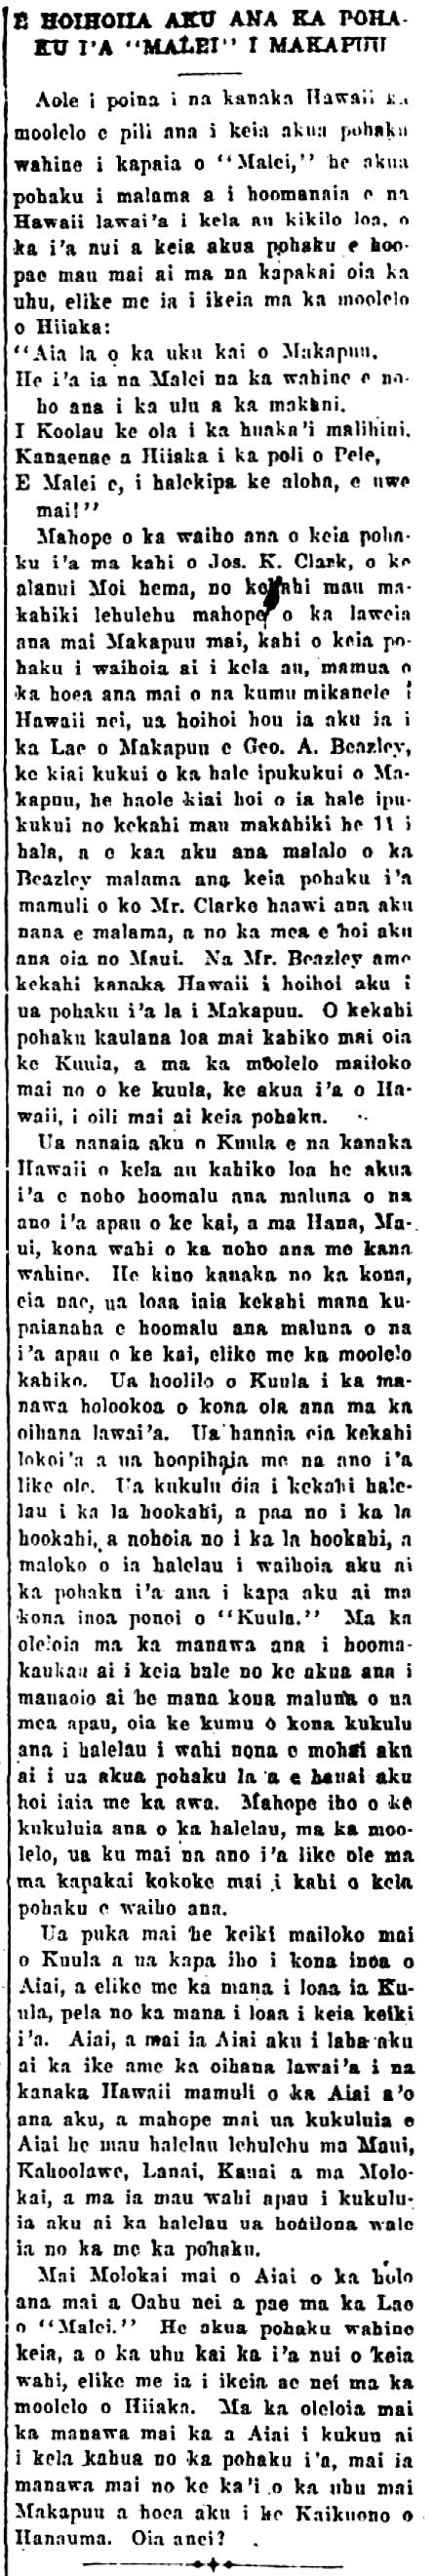 Kuokoa_3_11_1921_4.png